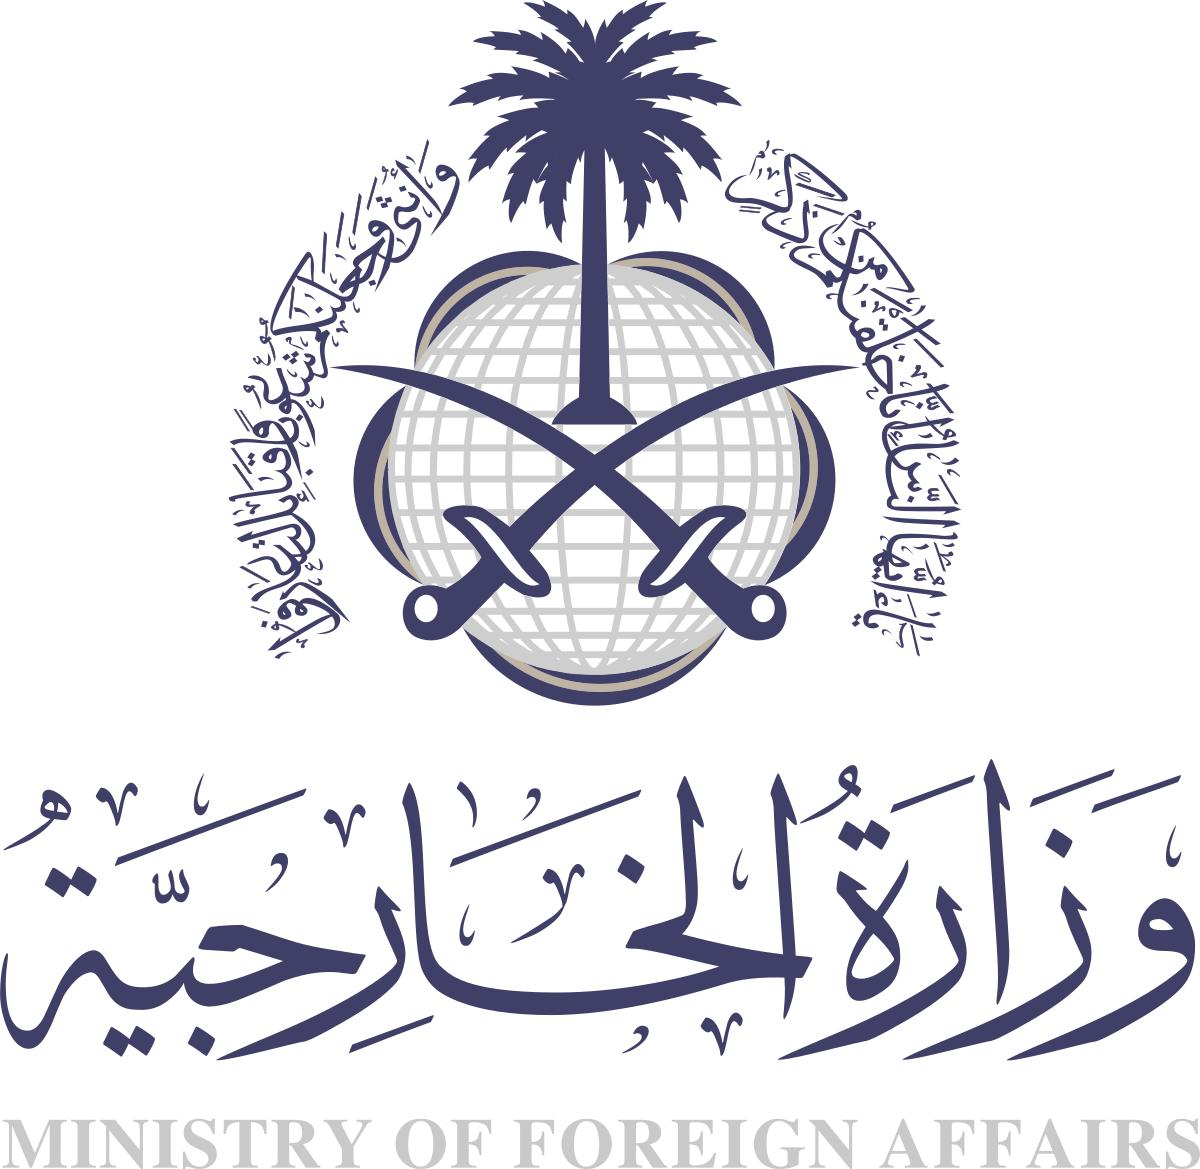 المملكة تُعرب عن بالغ الأسى لحادث تصادم القطارين بمحافظة سوهاج المصرية